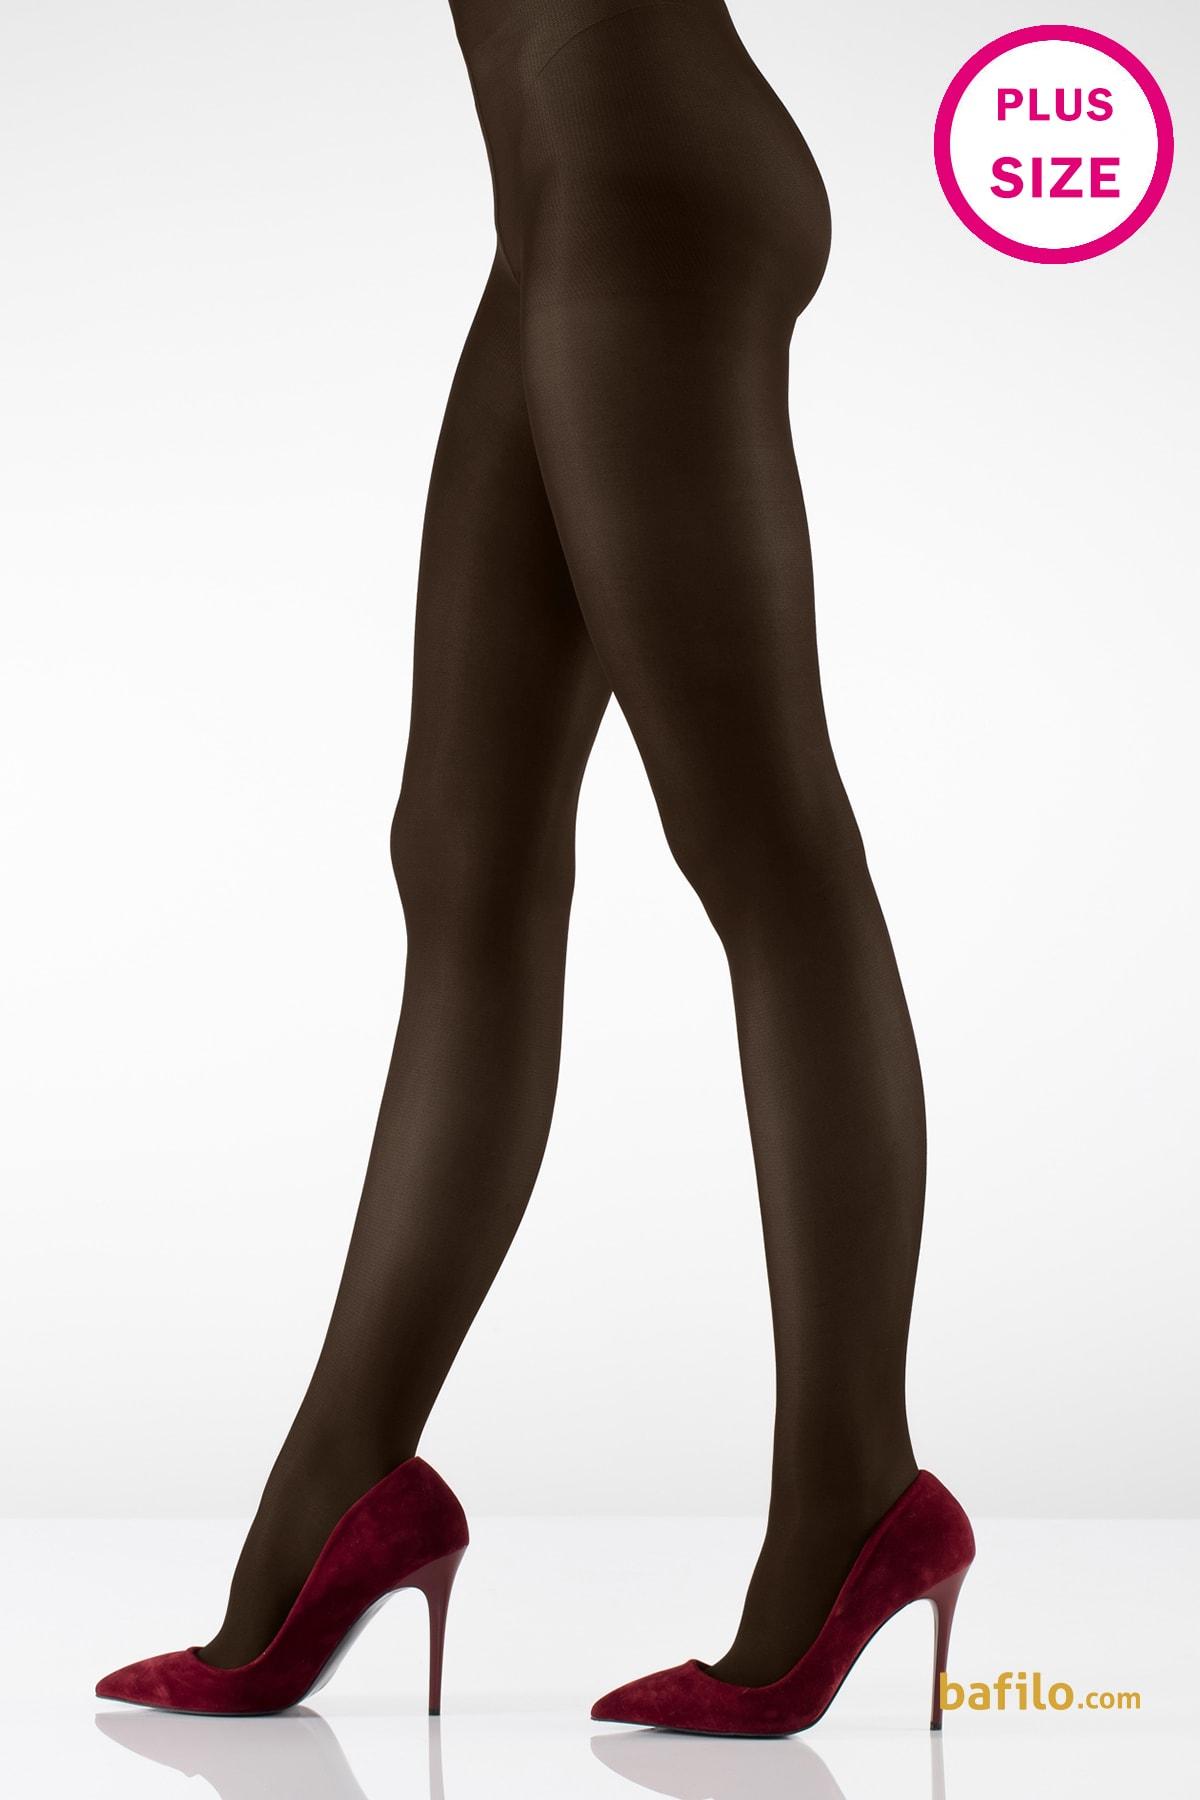 ایتالیانا   ITALIANA - جوراب شلواری سایز بزرگ زنانه ایتالیانا  Micro40 قهوه ای